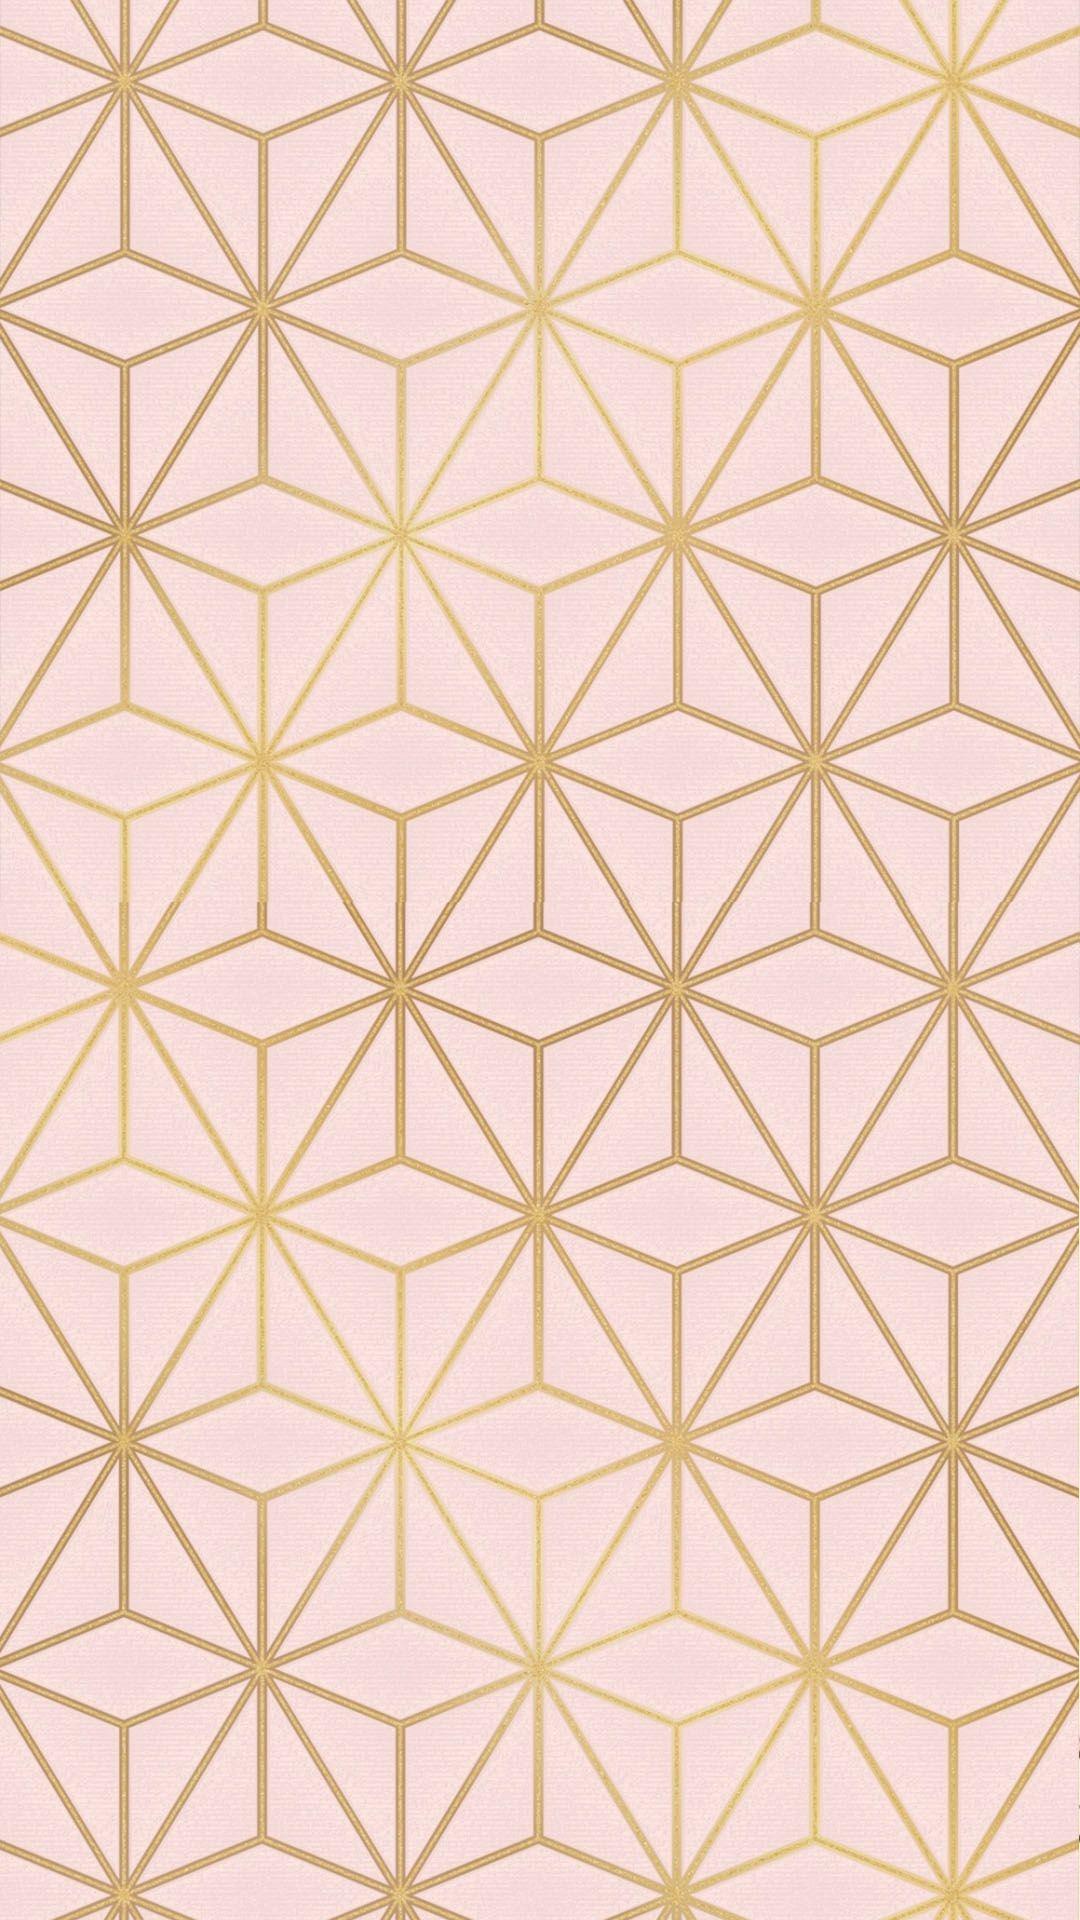 Astral Metallic Wallpaper Blush Pink Gold Barbie Diy